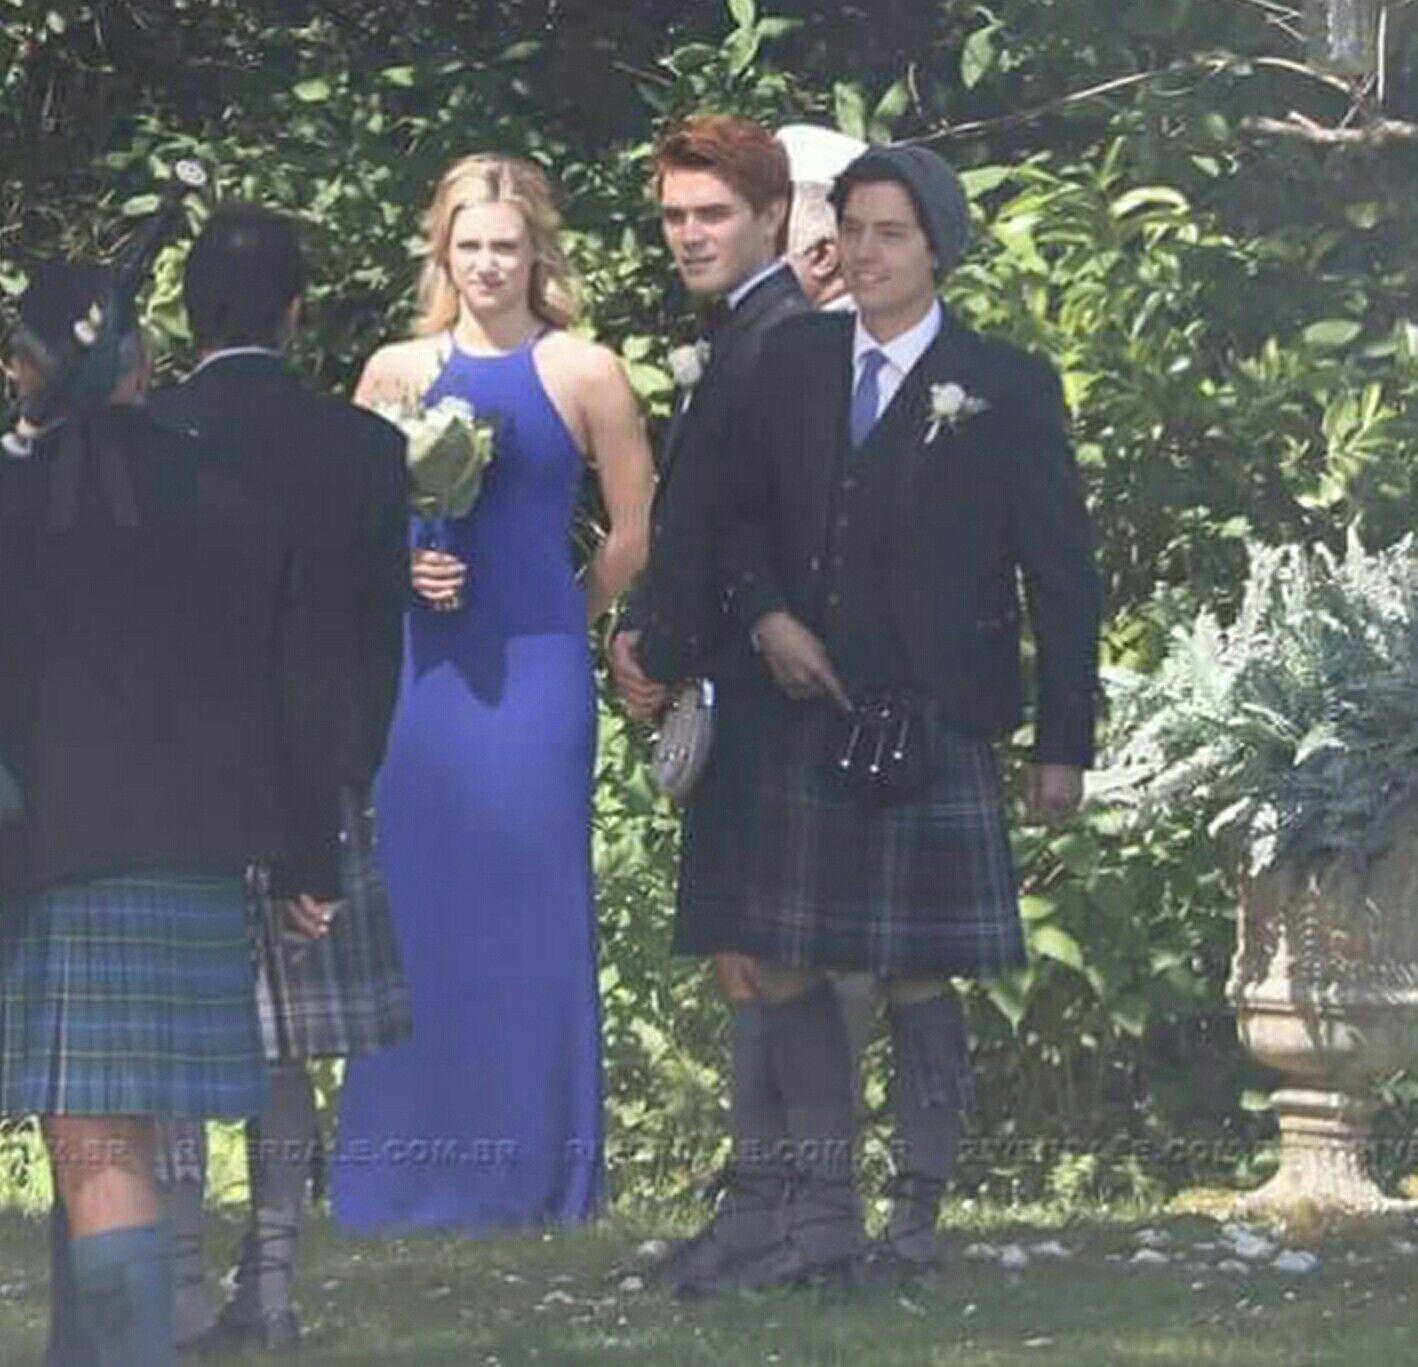 Season 2 filming spoilers